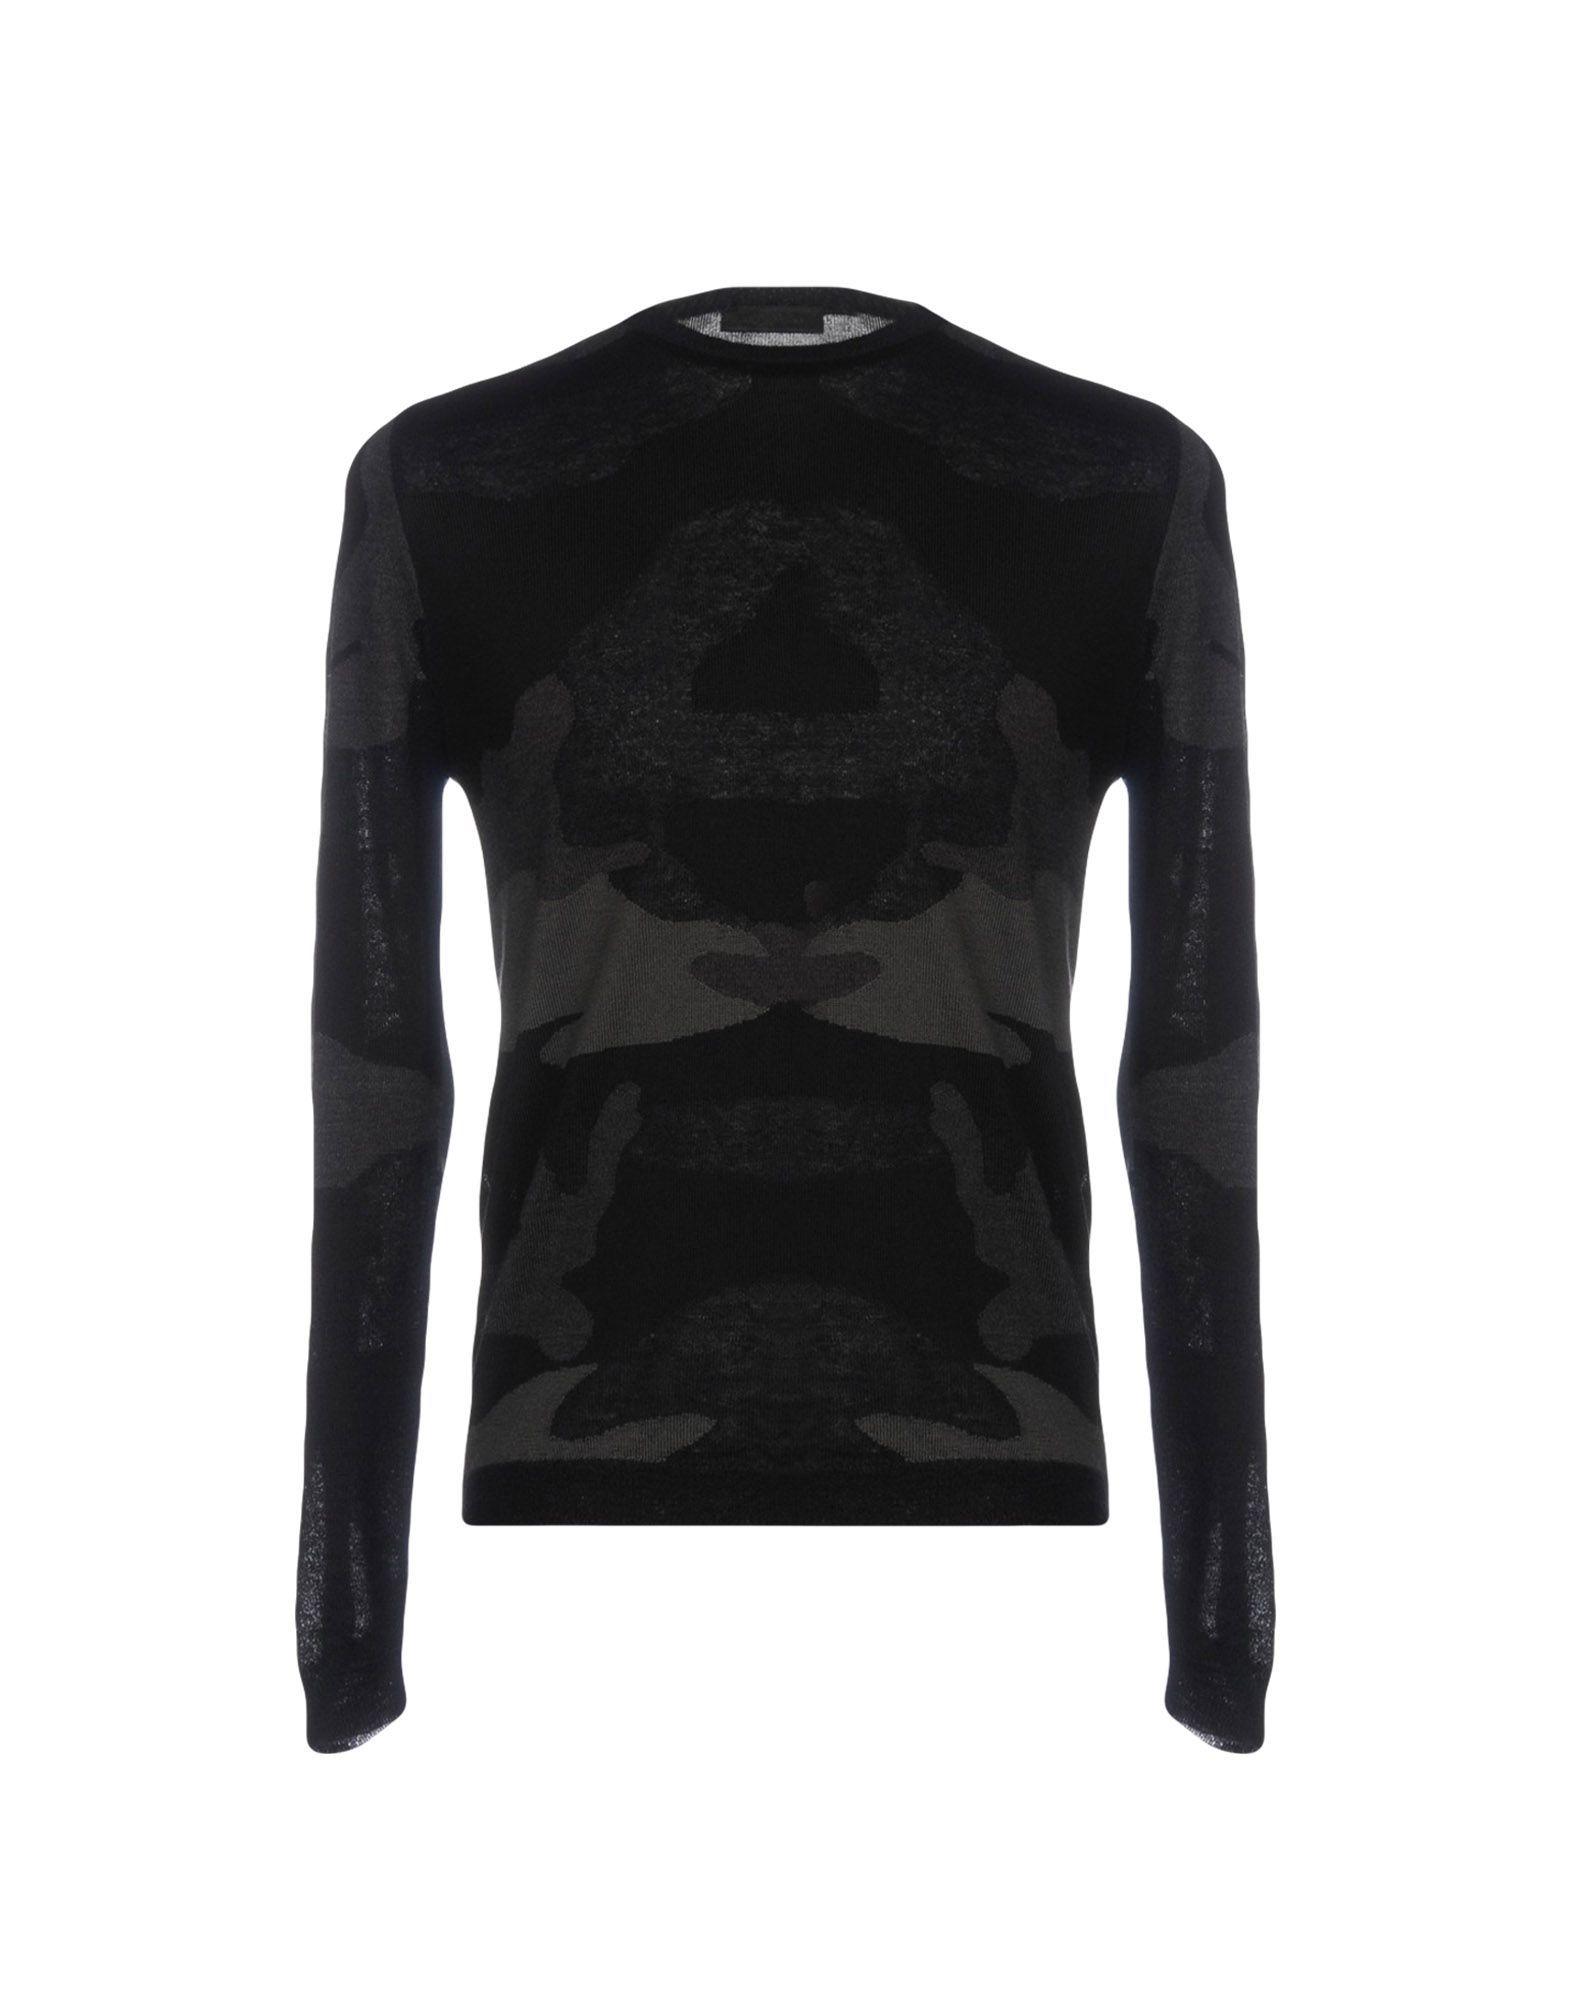 Prada Black Virgin Wool Jumper